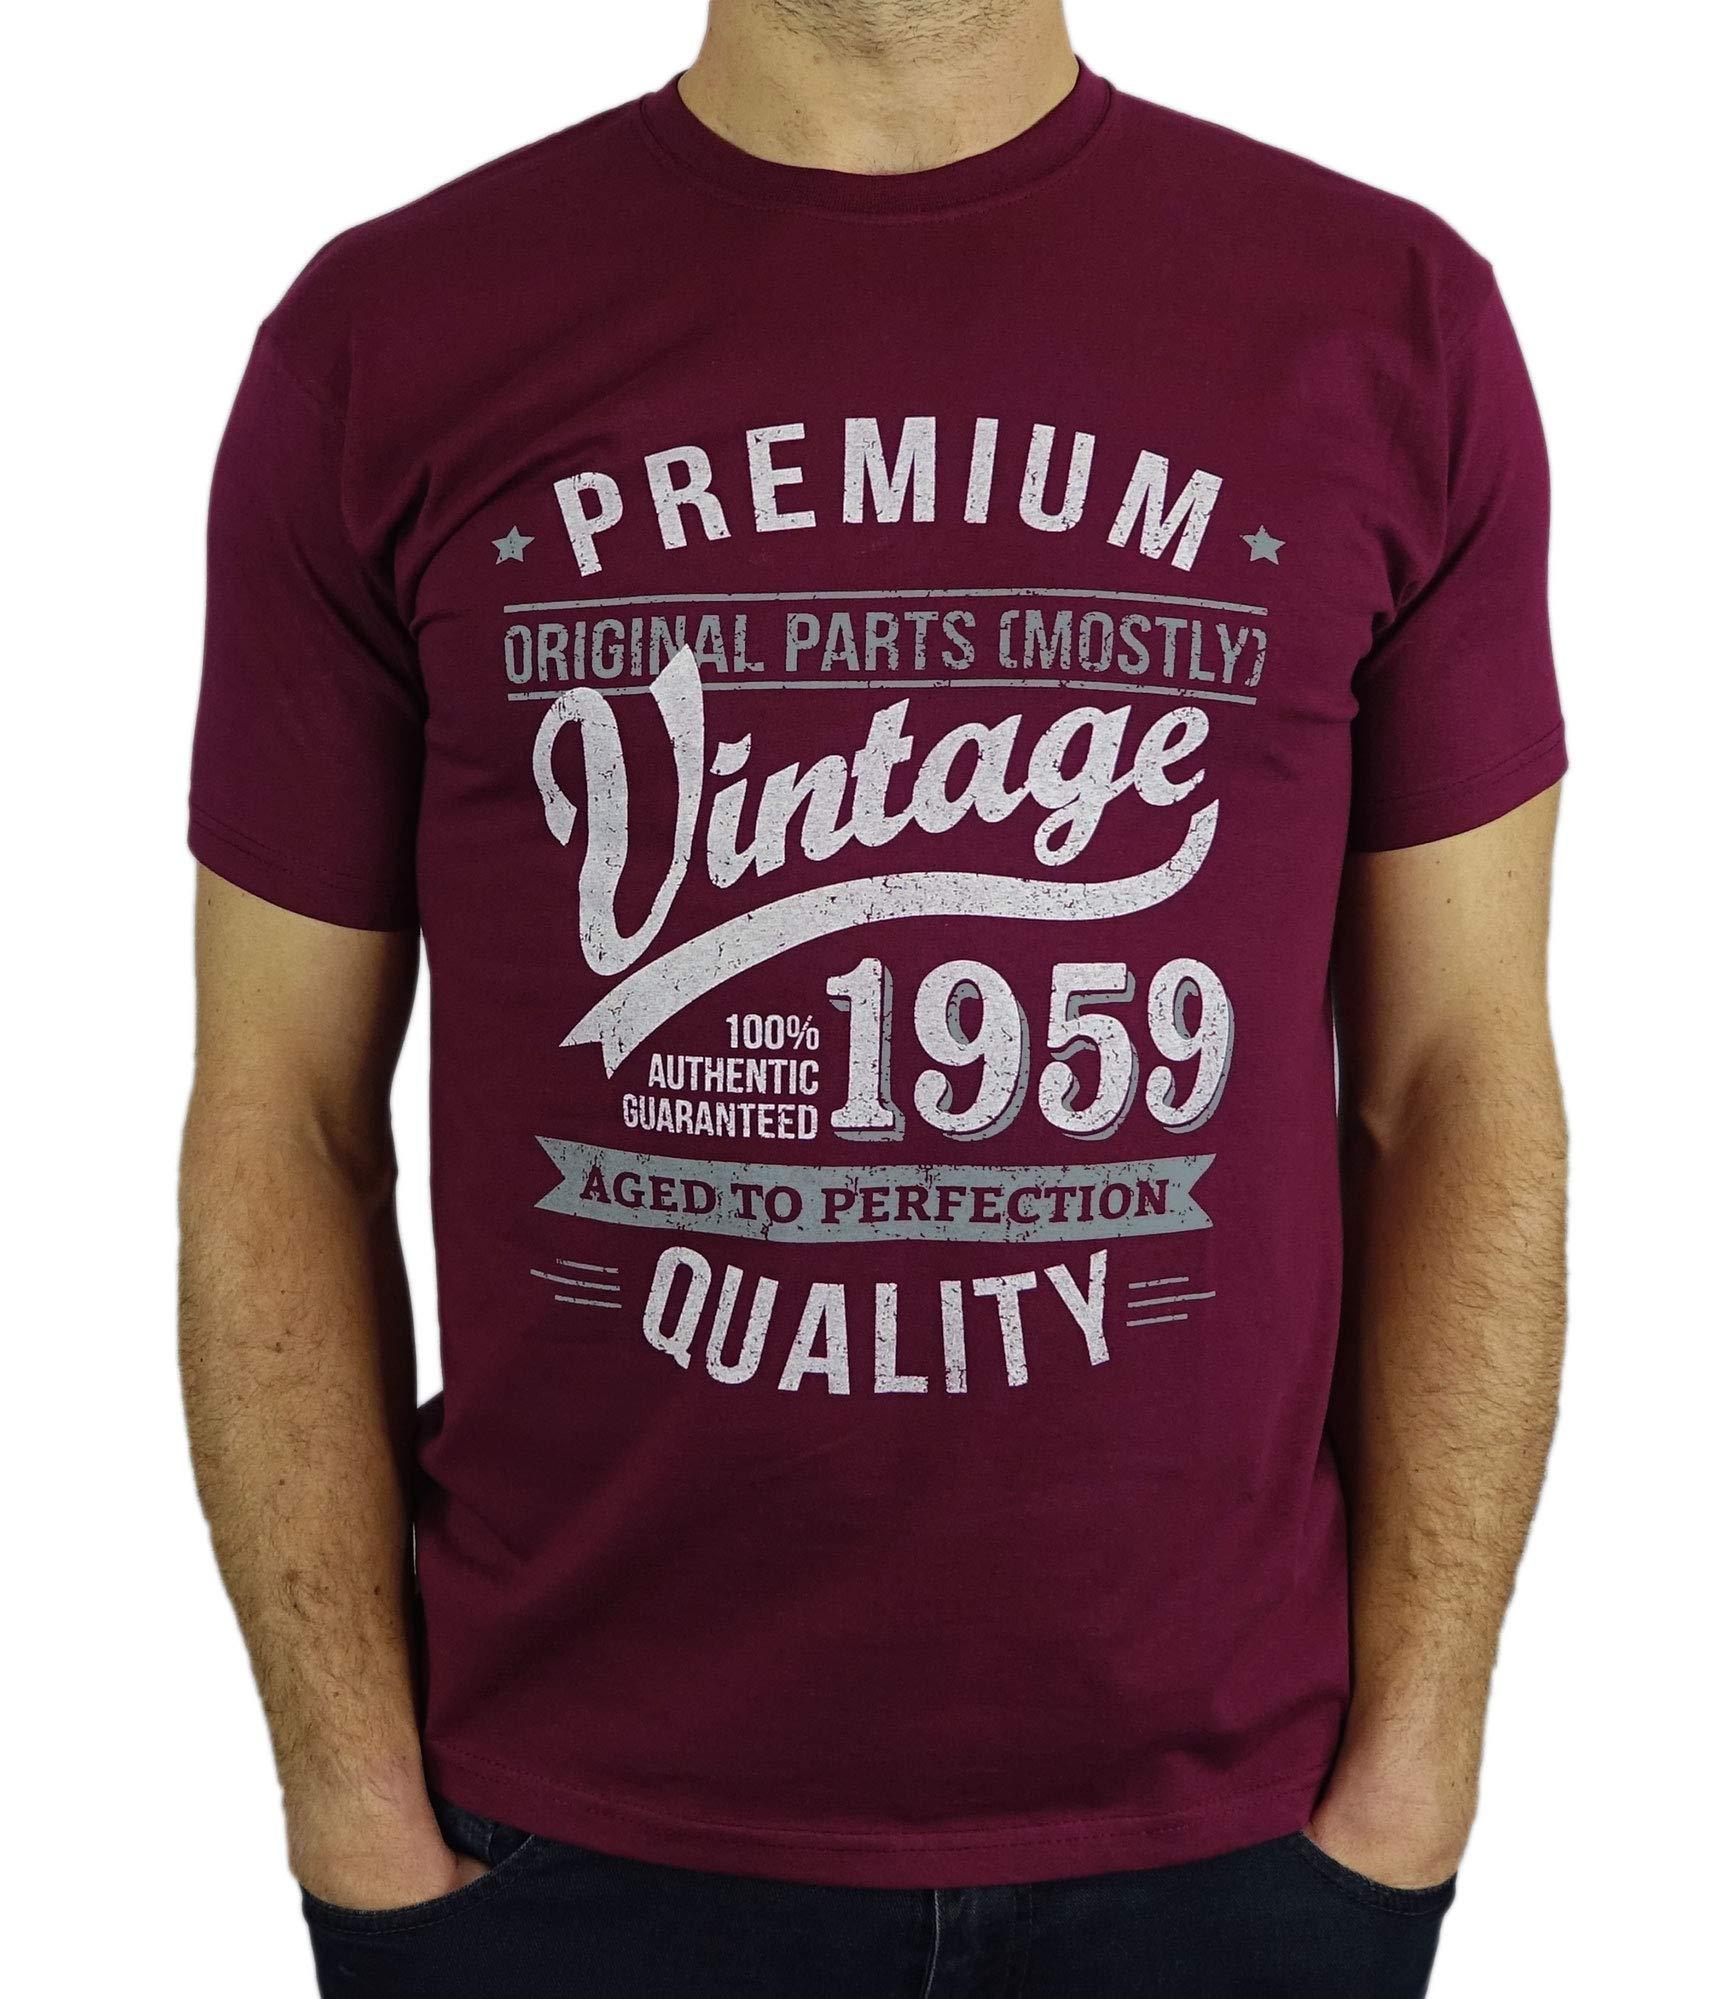 Regali Di Natale Uomo 60 Anni.1959 Vintage Year Aged To Perfection Regalo Di